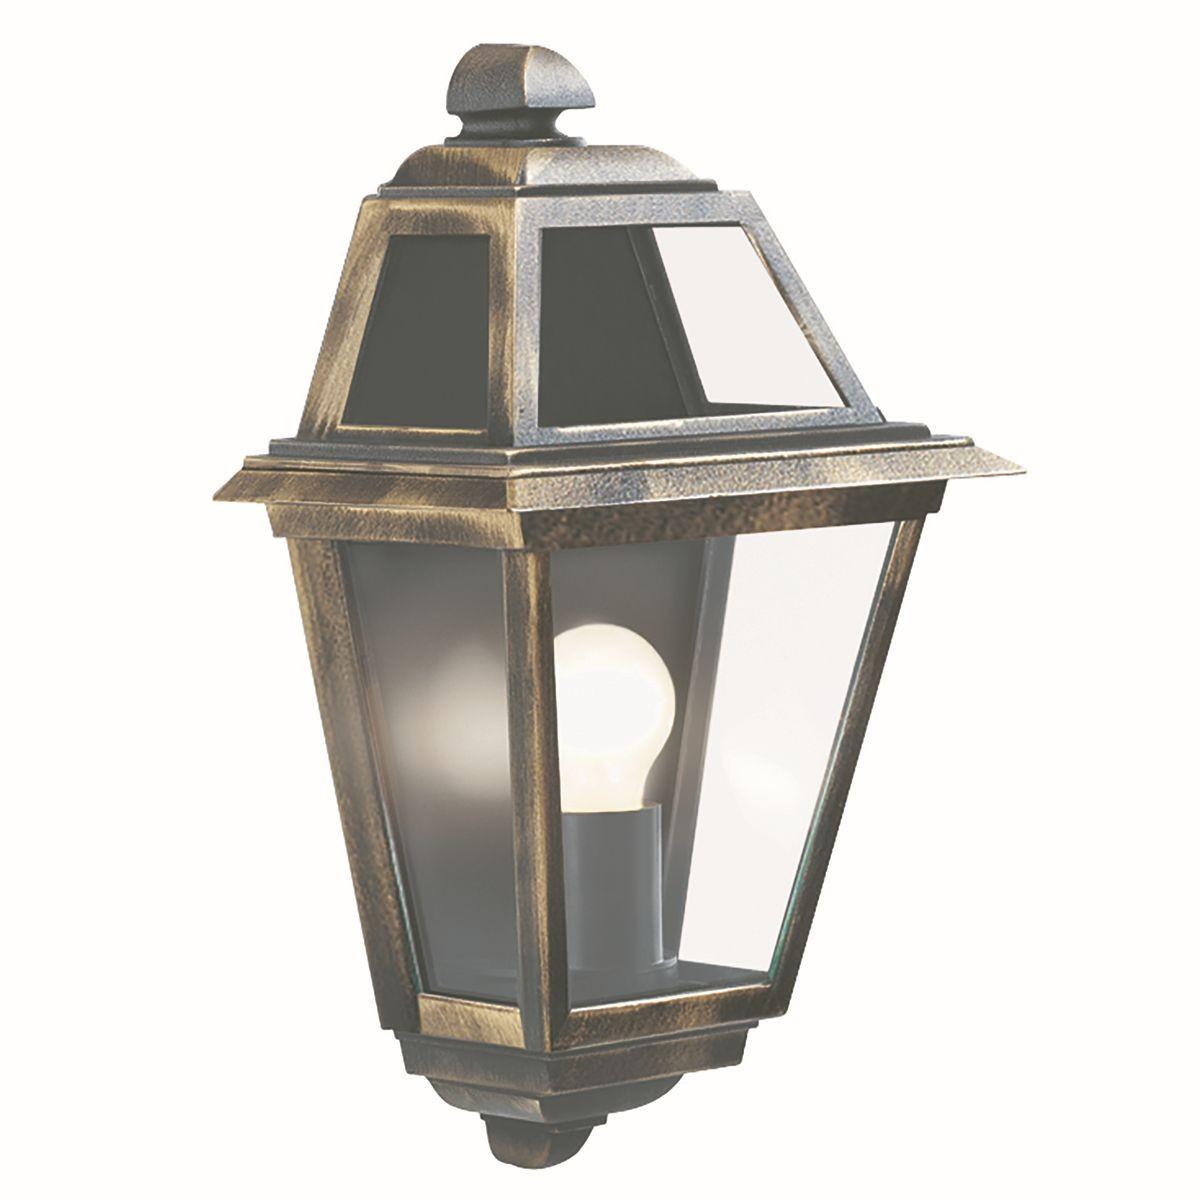 Outdoor Lighting – New Lamp